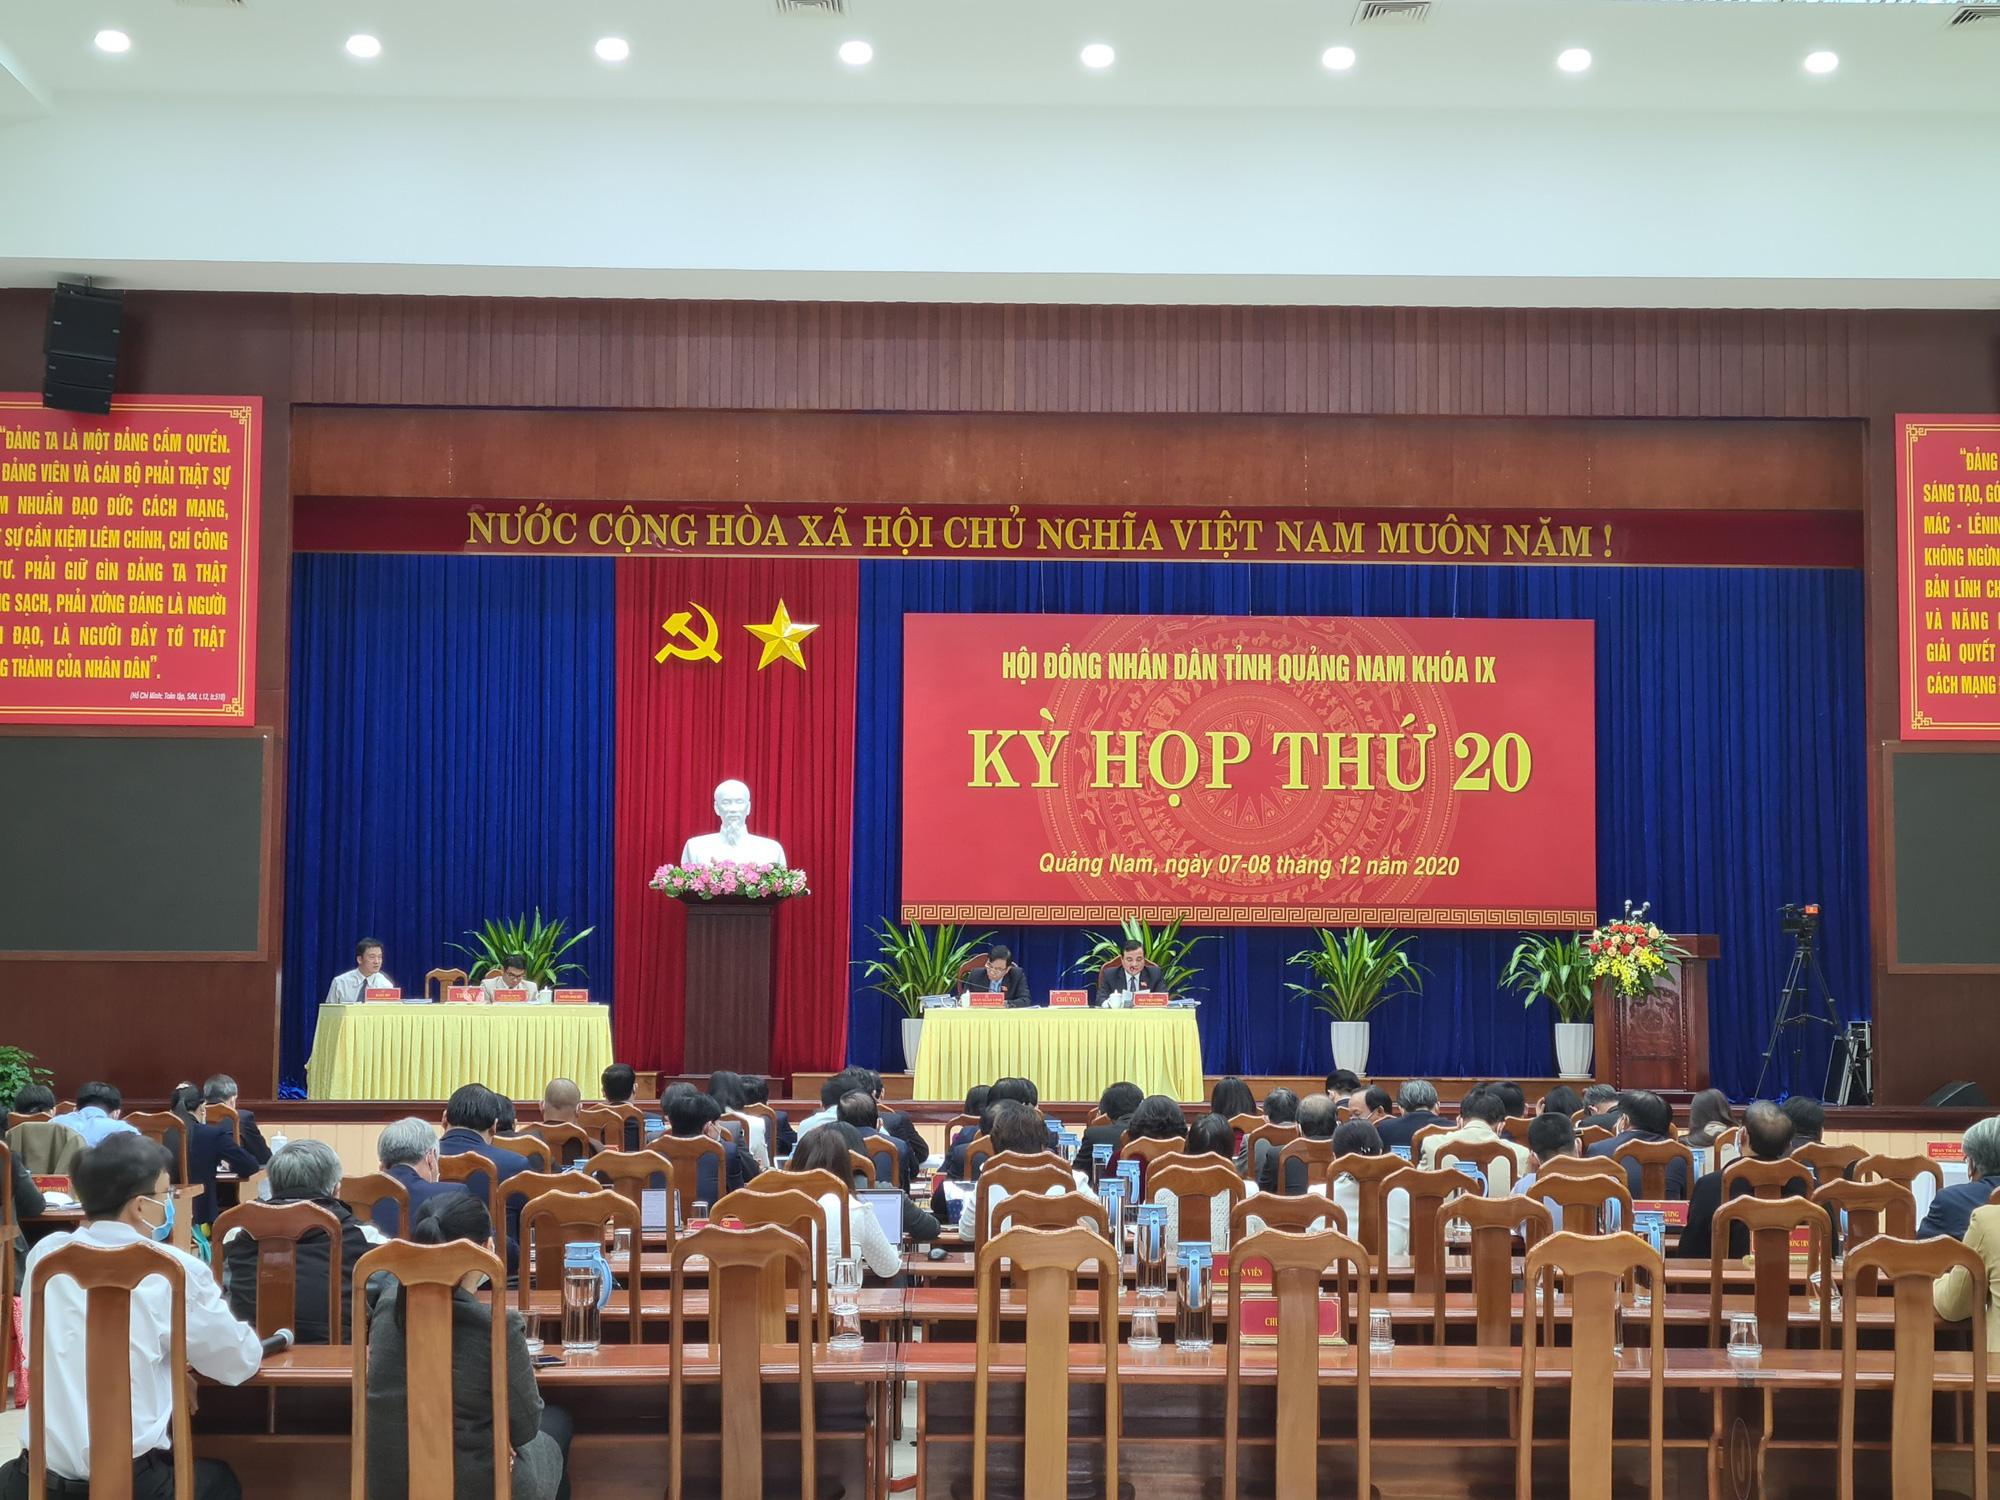 Bí thư, Phó Bí thư Quảng Nam rất quan tâm đến Khu phố chợ Bà Rén hàng chục tỷ đồng  - Ảnh 5.